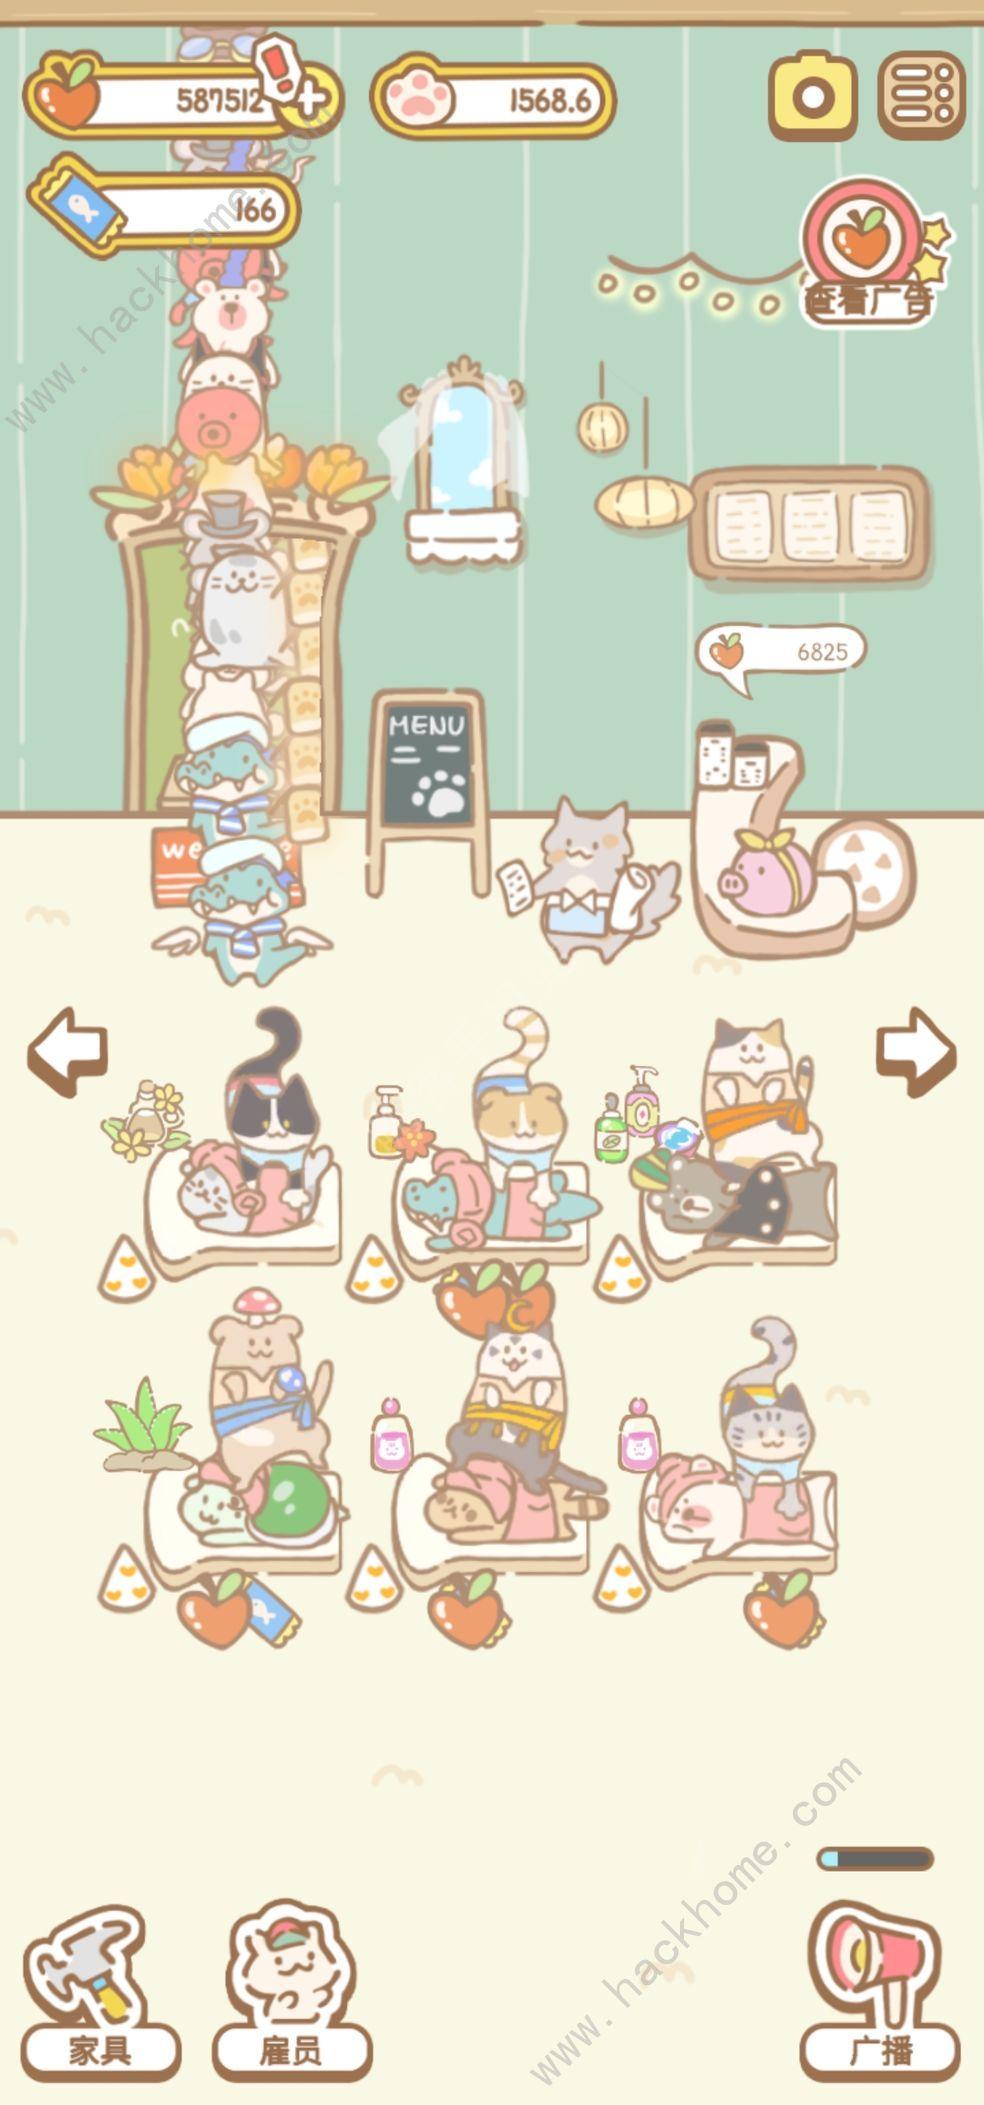 猫猫水疗馆攻略大全 新手少走弯路技巧总汇[多图]图片1